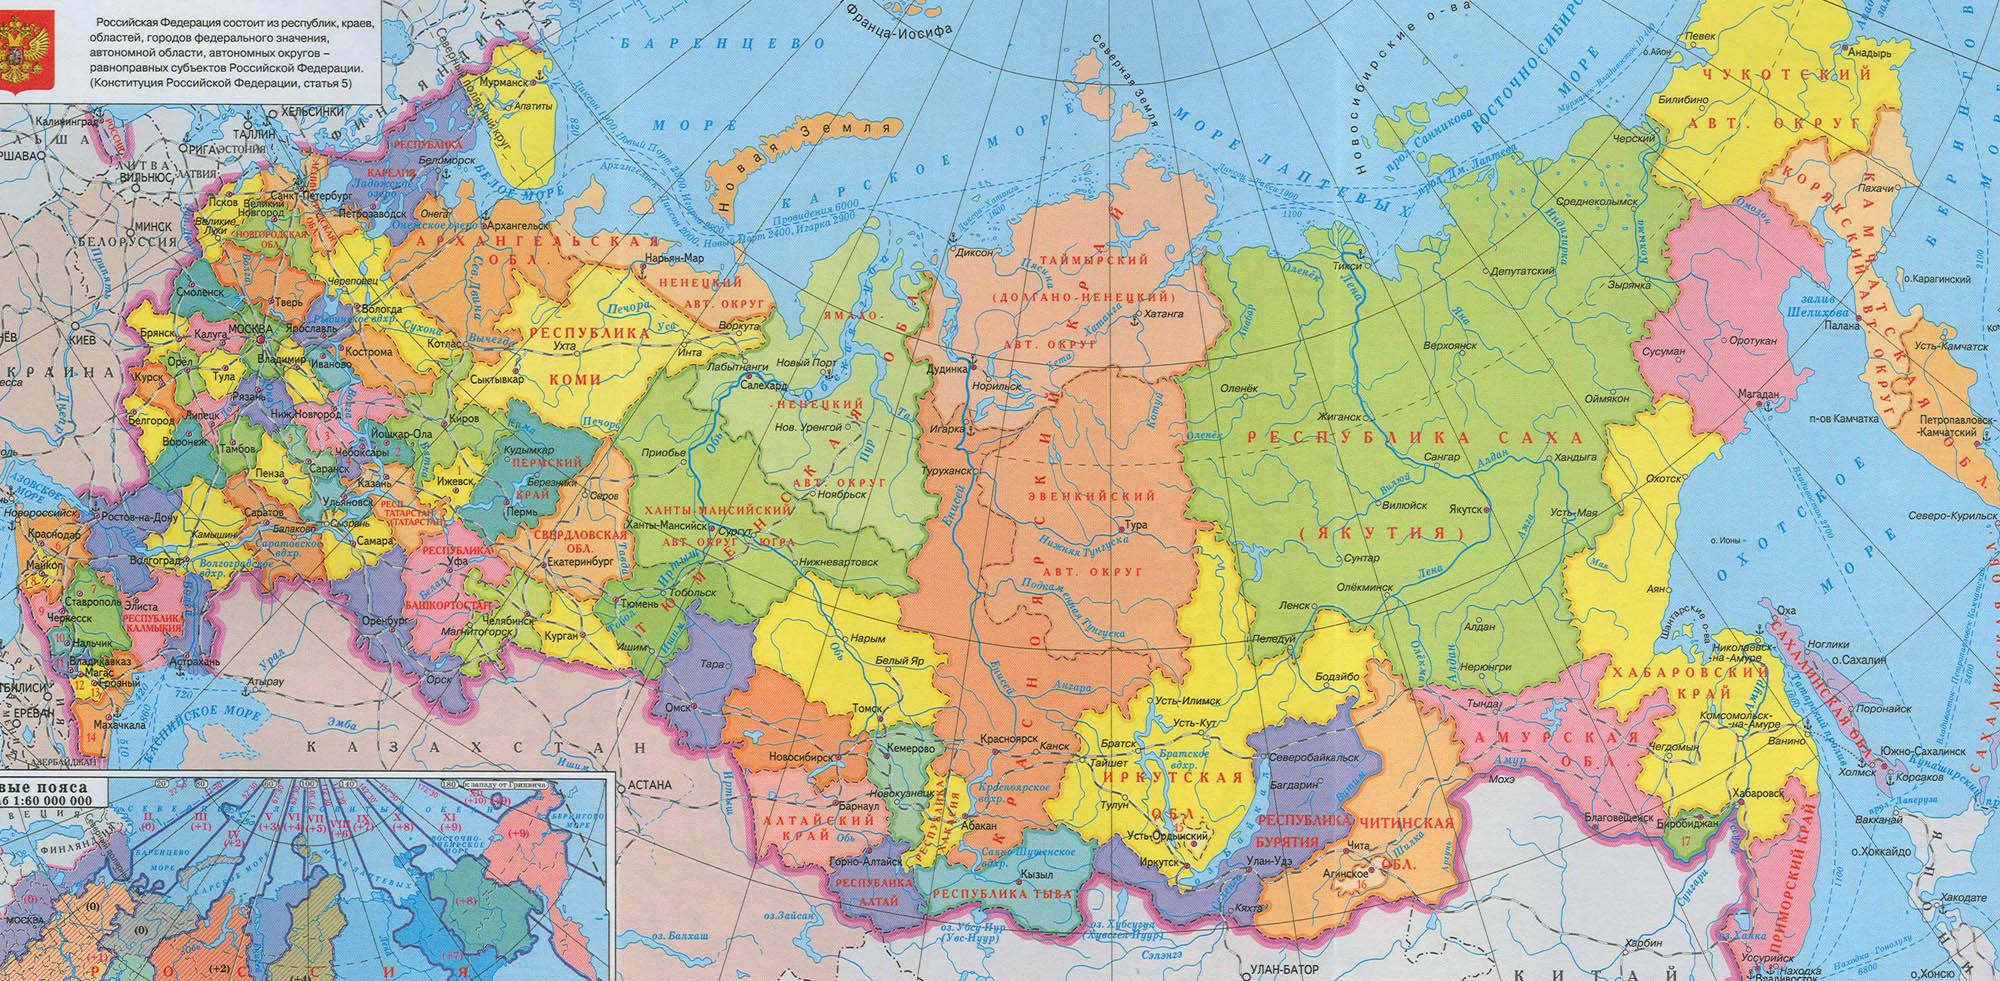 Карта России на русском языке | Инфокарт – все карты сети: http://www.infokart.ru/karta-rossii-na-russkom-yazyke/